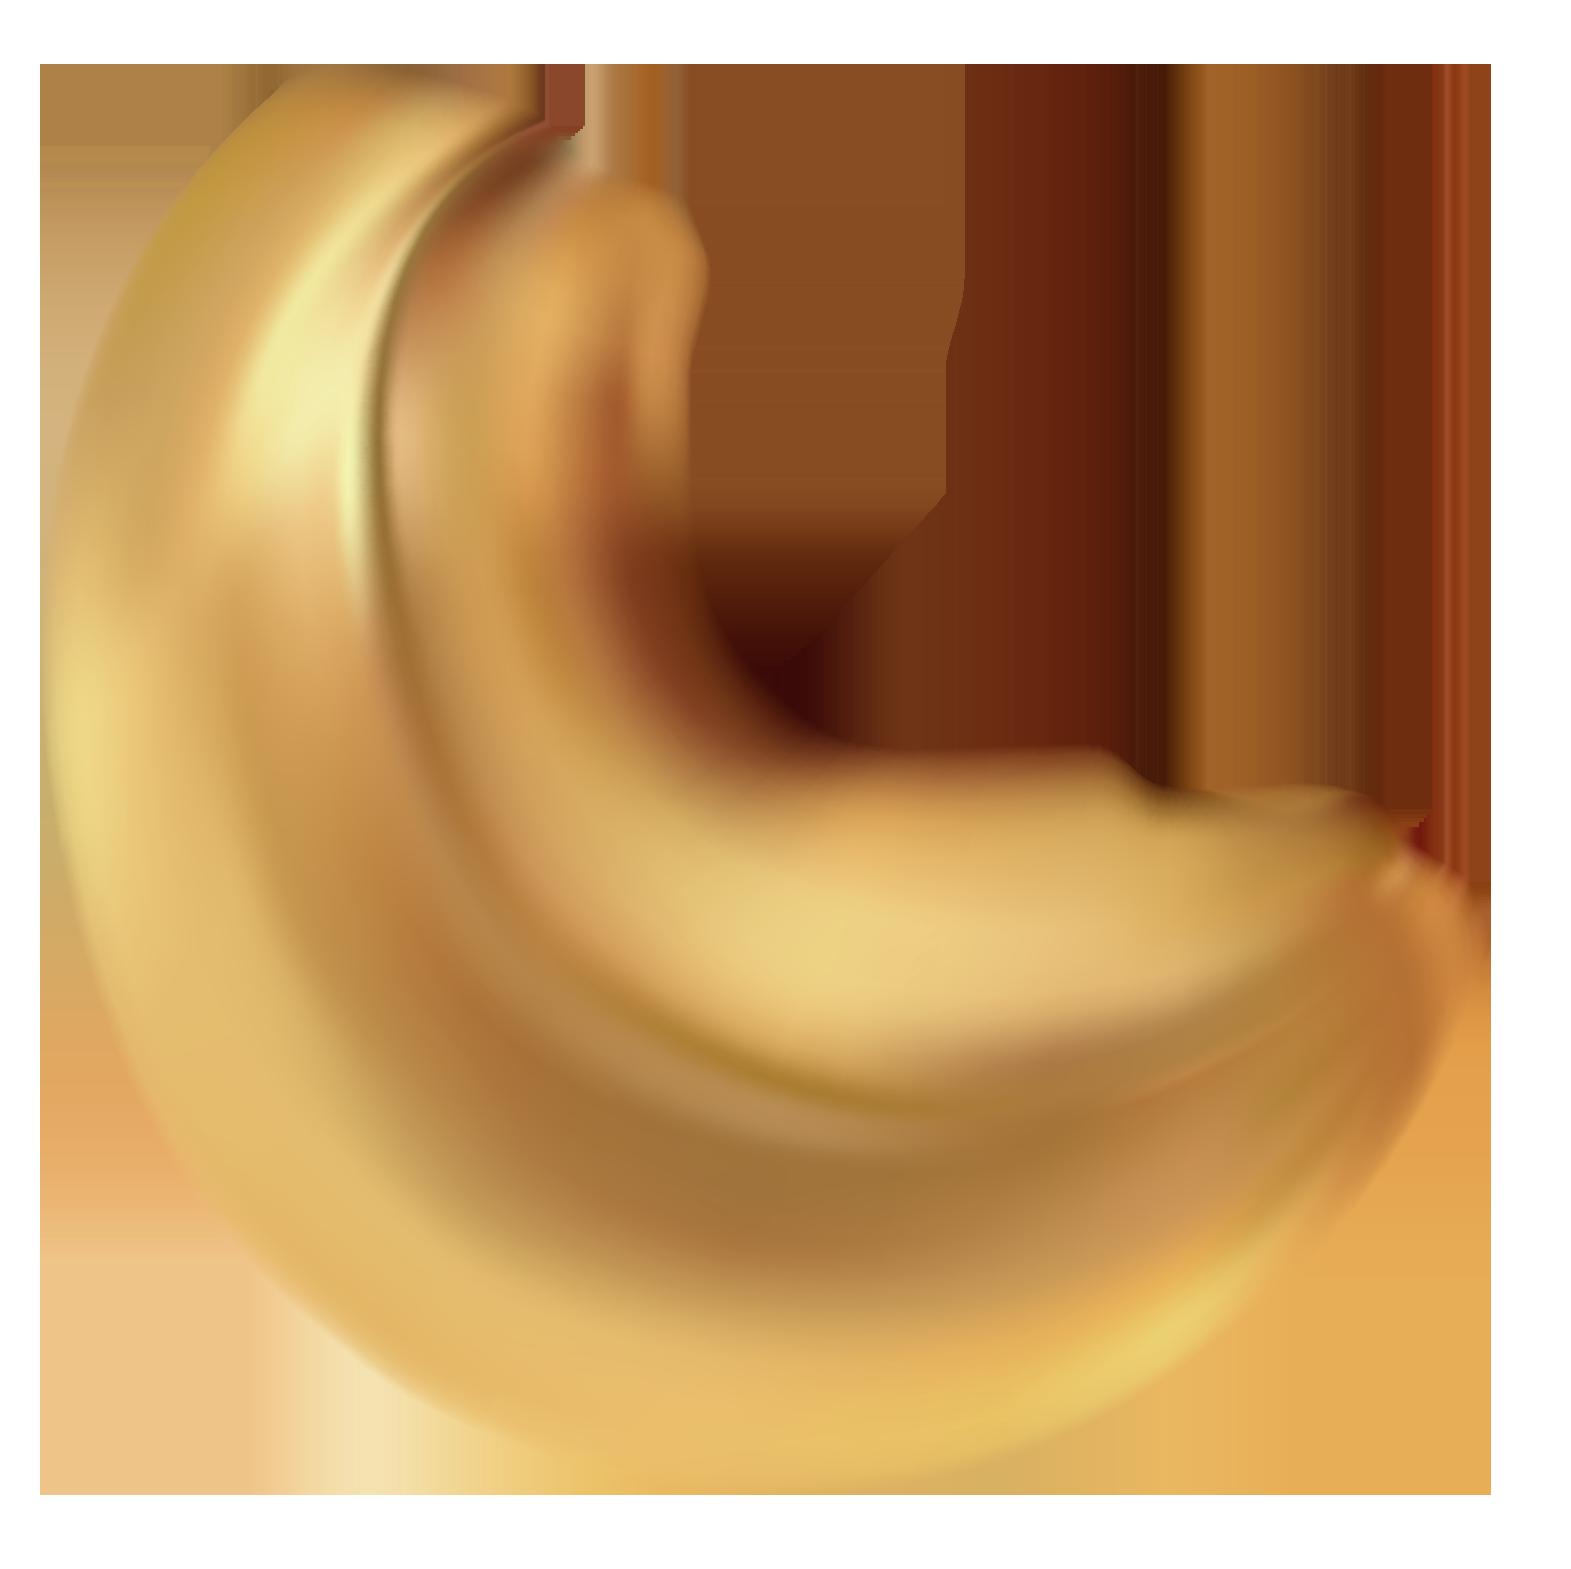 Png best web. Nut clipart cashew nut